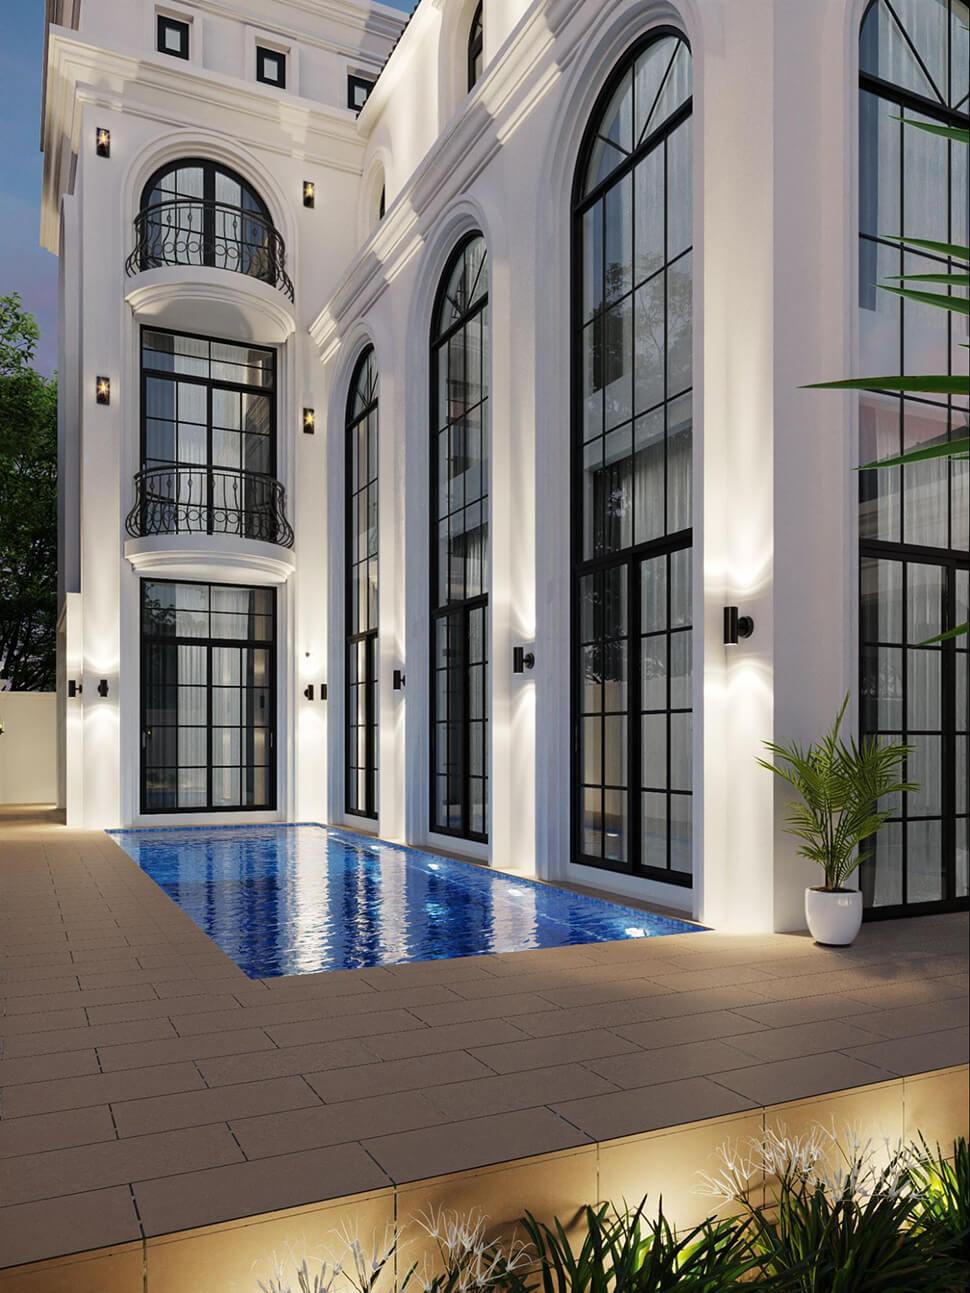 thiết kế hồ bơi ngoài trời